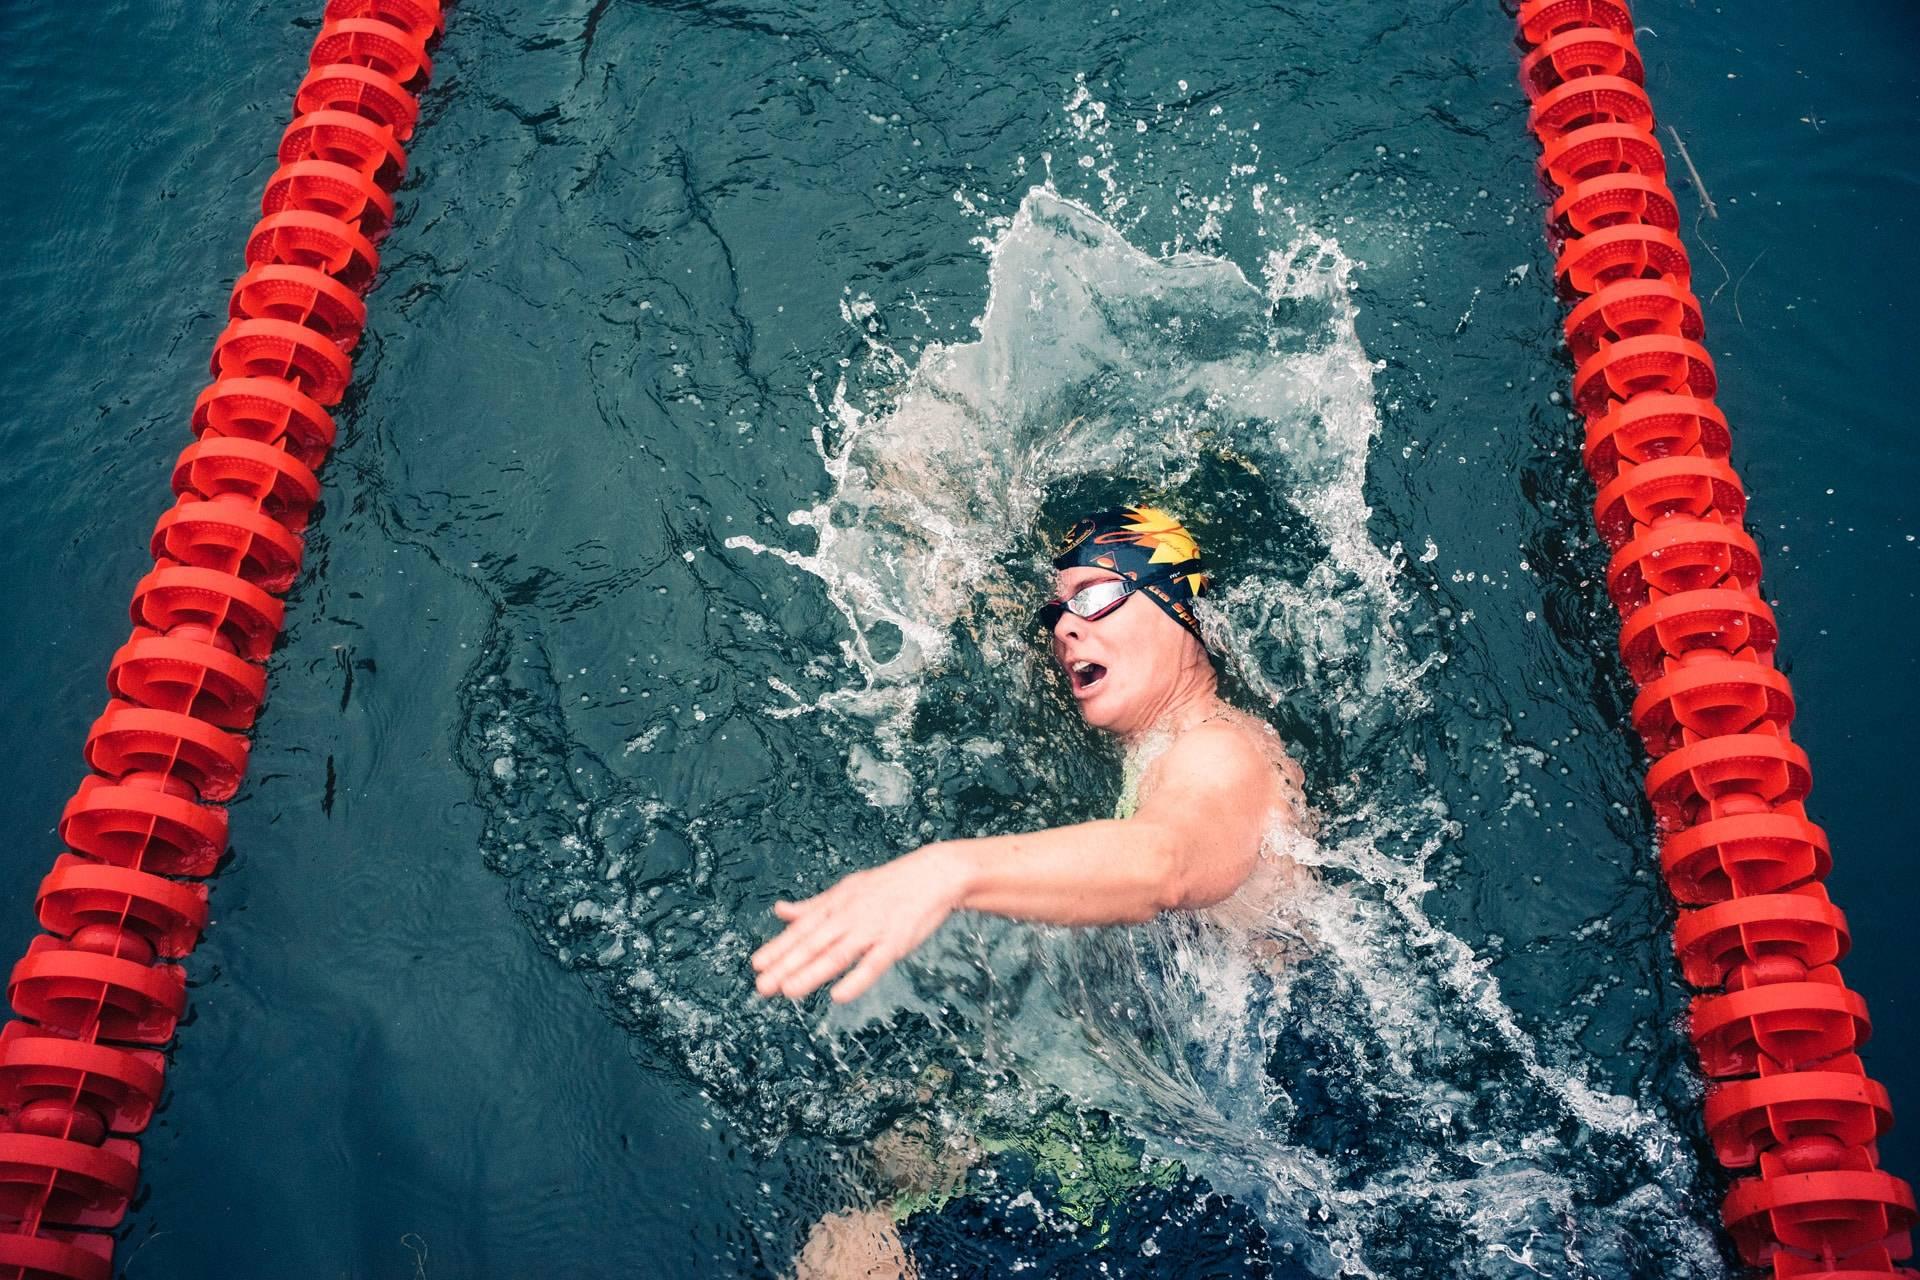 Зимнее плавание как хобби и увлечение